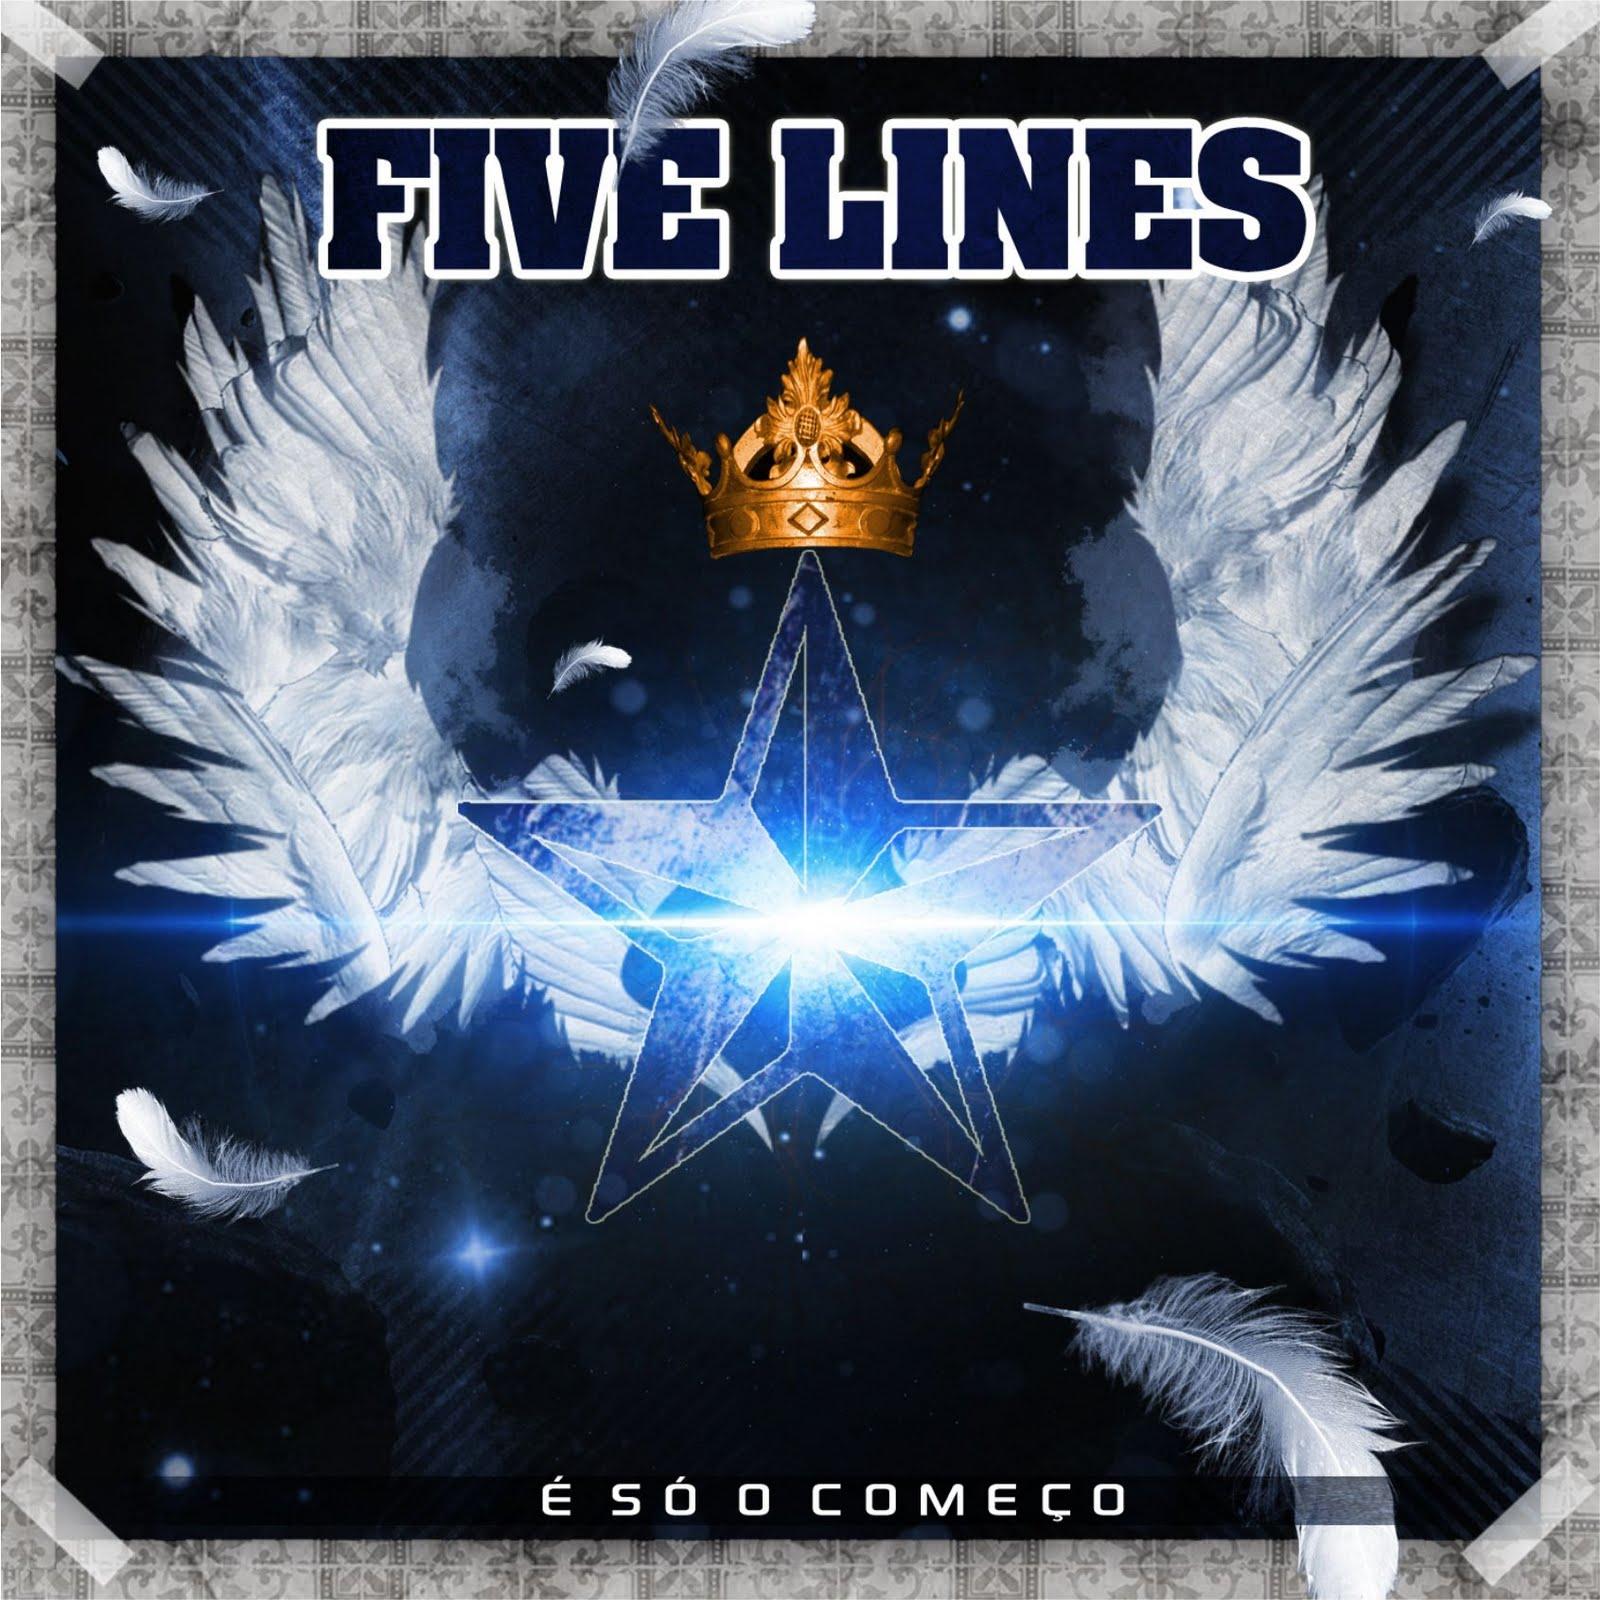 http://3.bp.blogspot.com/-9_JfpDlkHYg/Tm-zR3wTpdI/AAAAAAAABcI/bHMauPBGZjs/s1600/-+FIVE+LINES.jpg